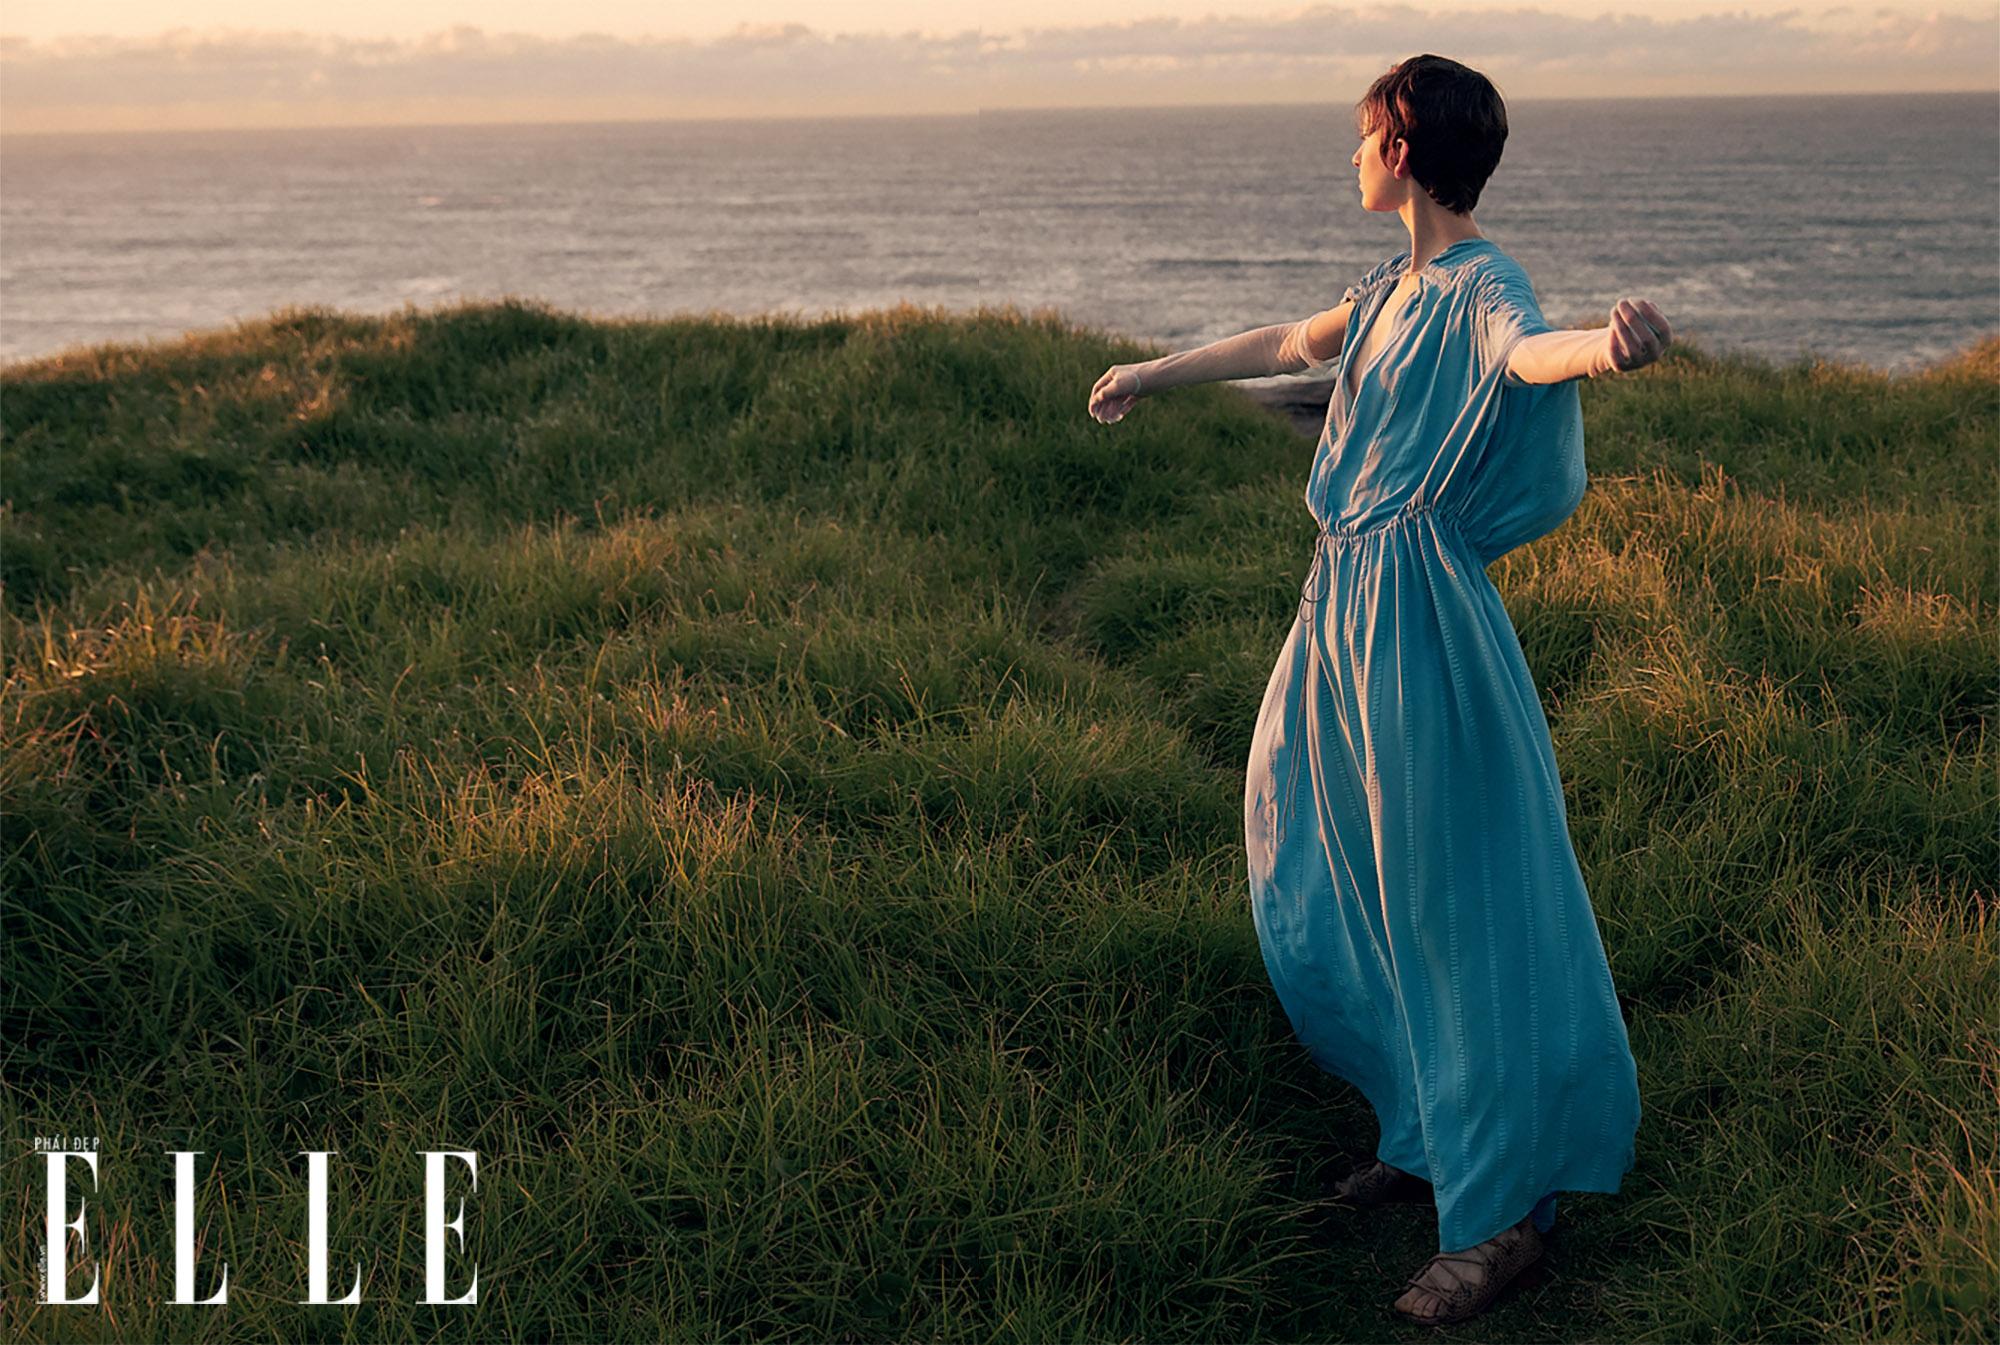 bộ ảnh thời trang Hè 2020 đầm suông xanh da trời